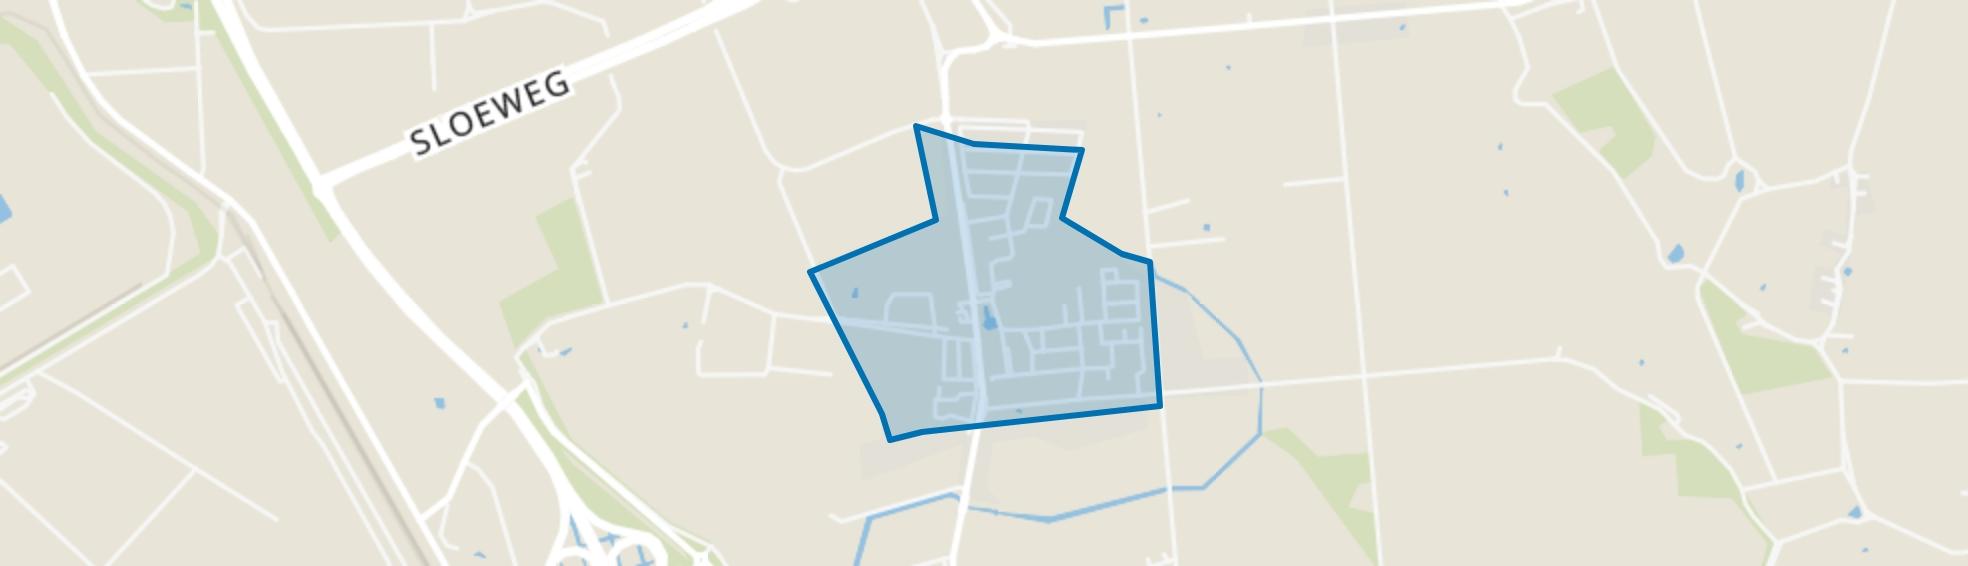 's-Heerenhoek (Kern), 's-Heerenhoek map